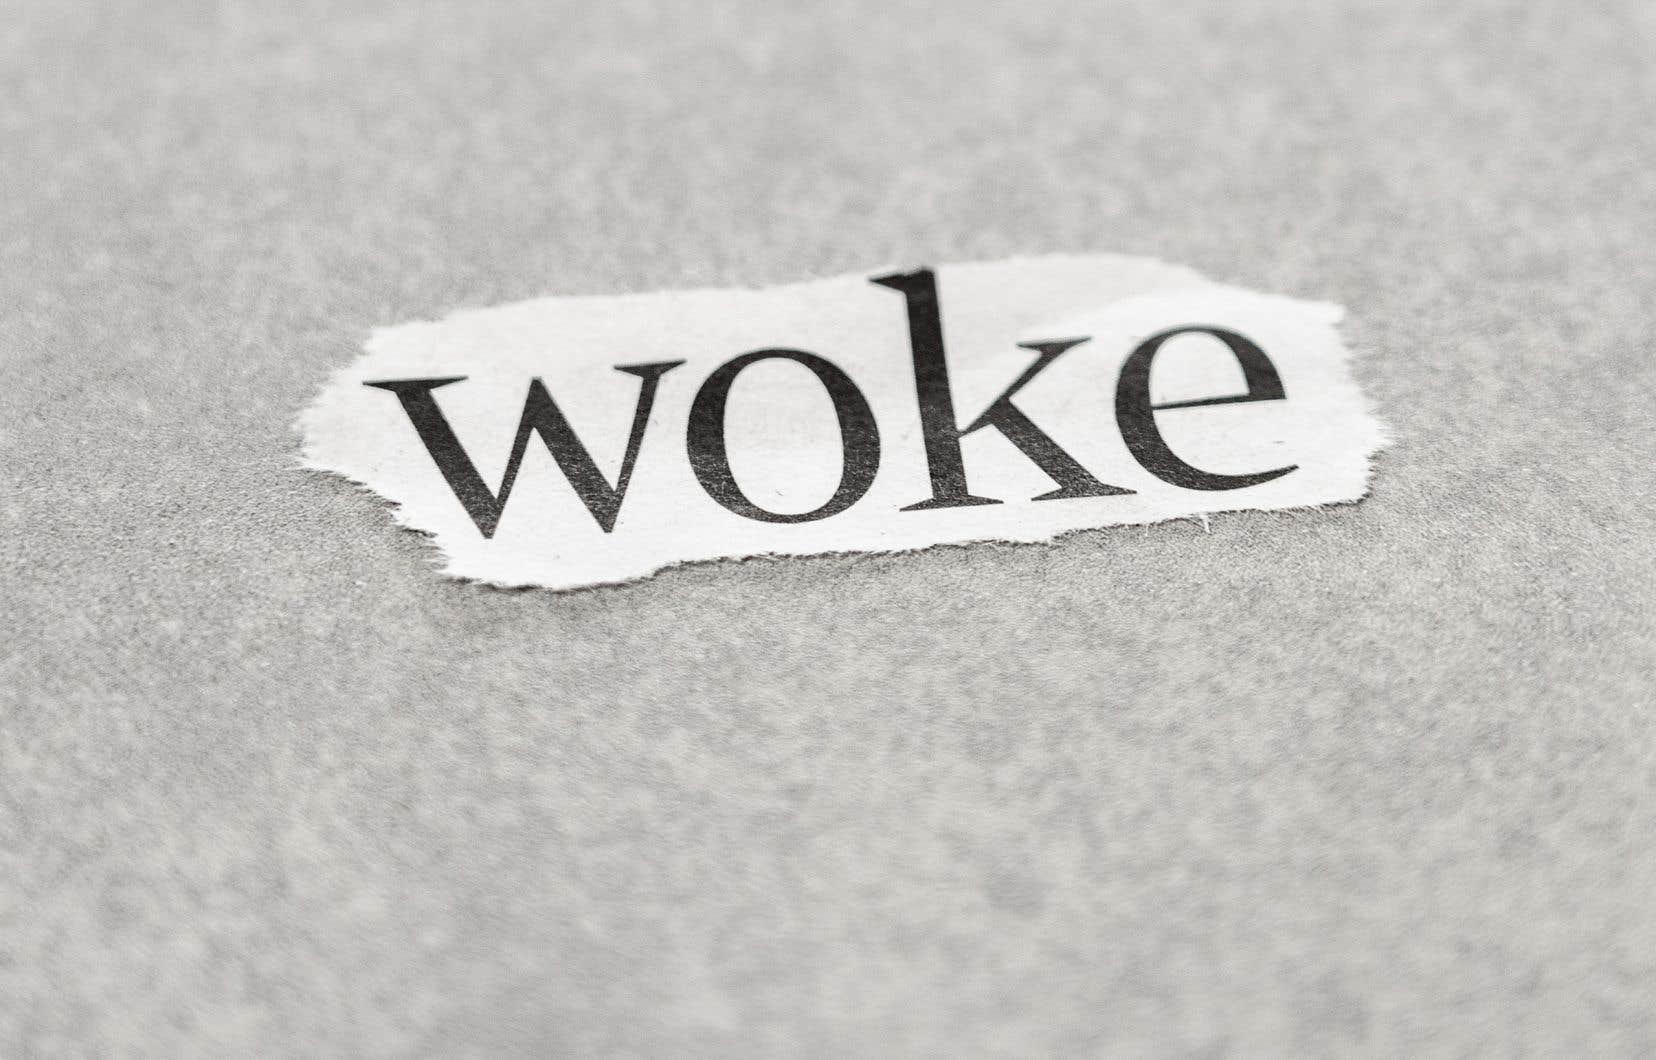 «En résumé, les termes gauchisme radical, diversitarisme, minoritarisme et identitarisme de gauche sont des substituts potentiels du syntagme idéologie woke et du nom wokisme», écrit l'auteur.